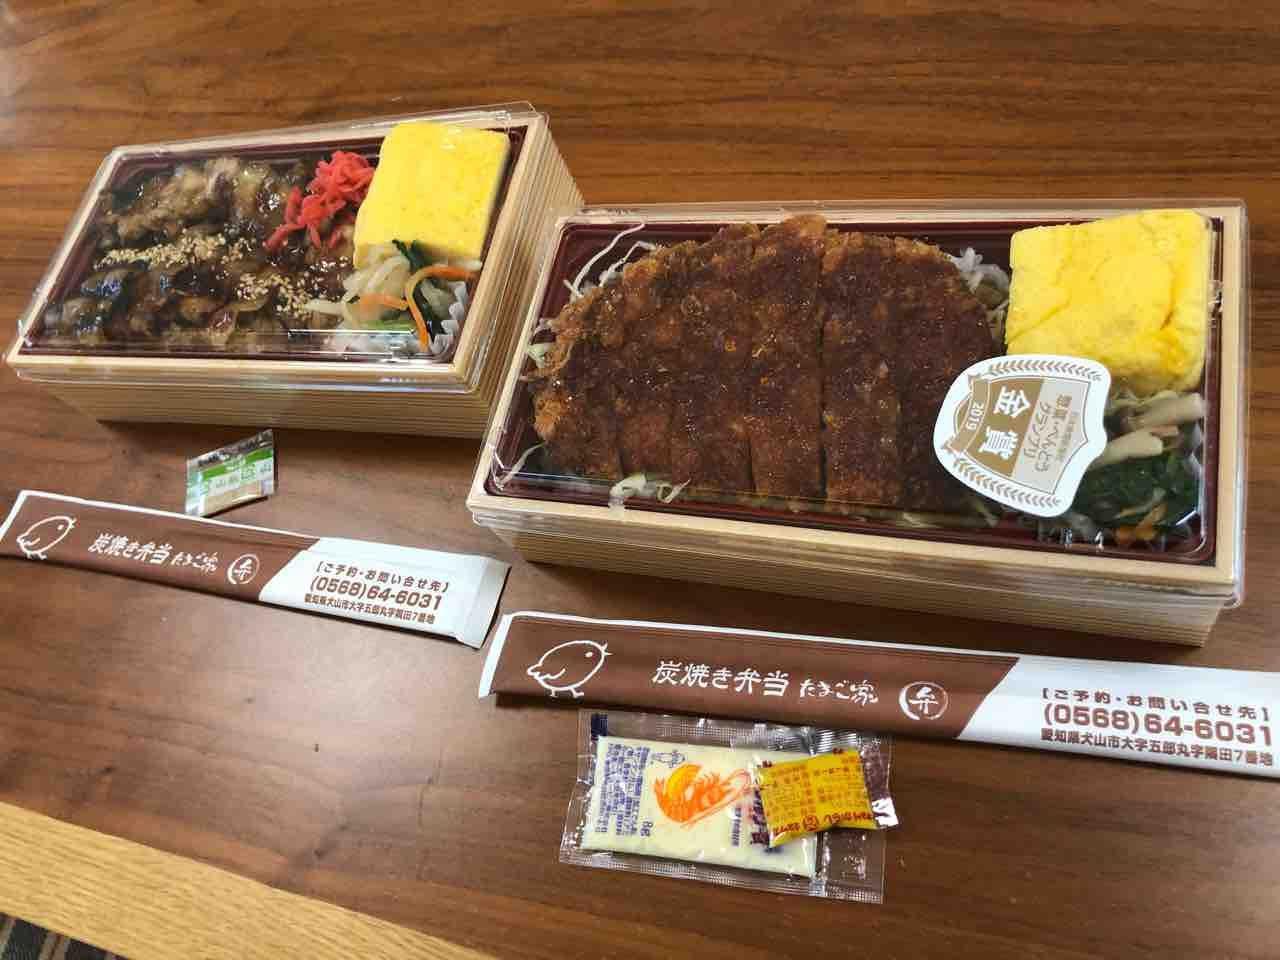 『炭焼き弁当 たまご家』炭焼き弁当と黒酢ソースカツ重弁当